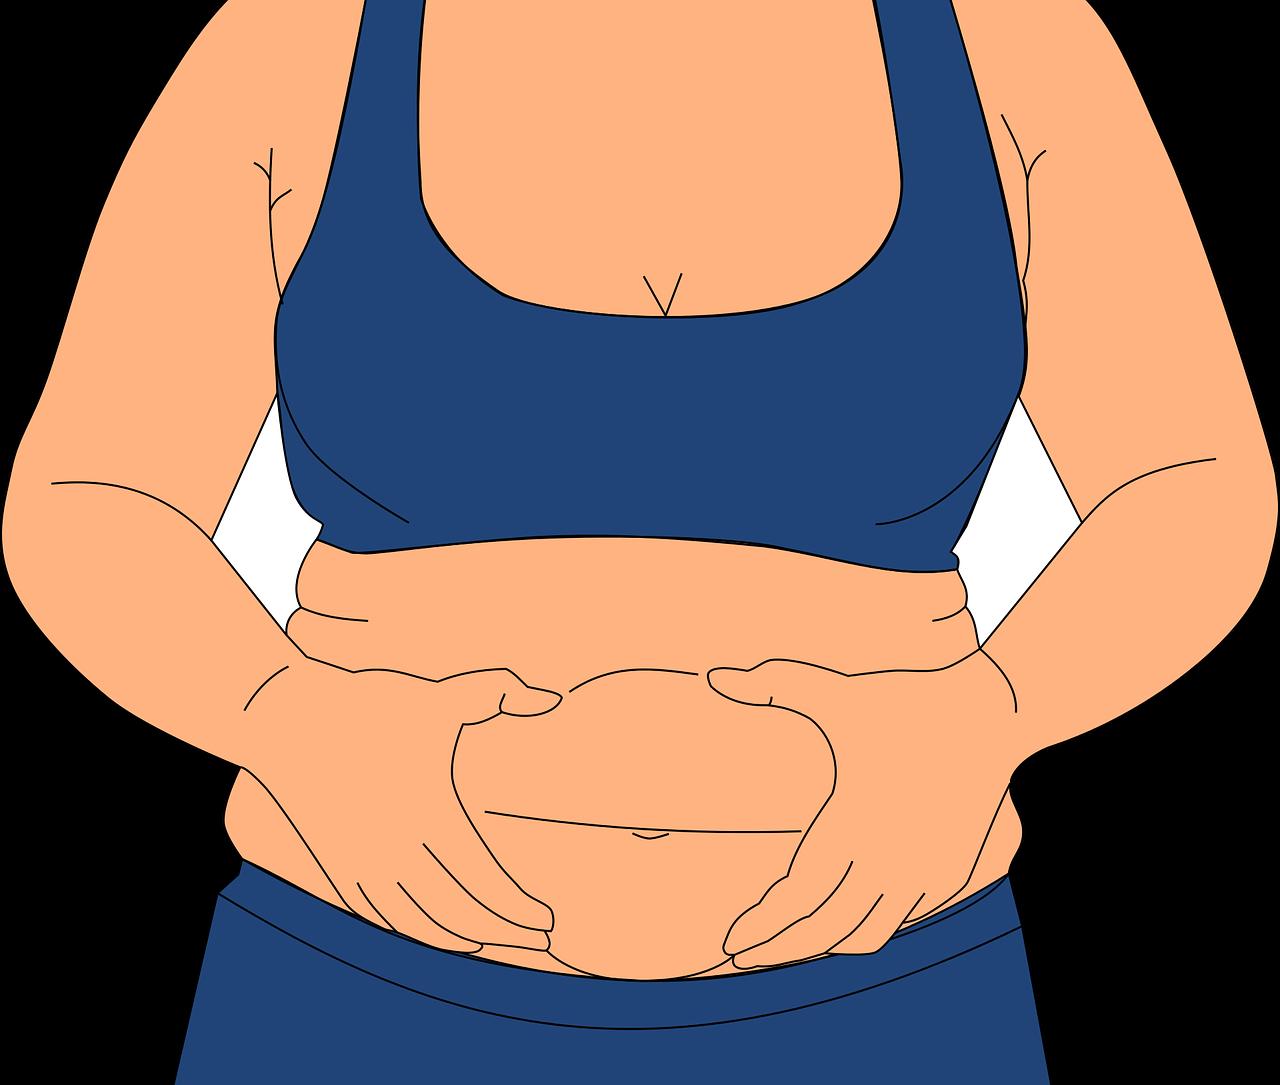 Ist Übergewicht wirklich ein Risikofaktor für Covid-19?